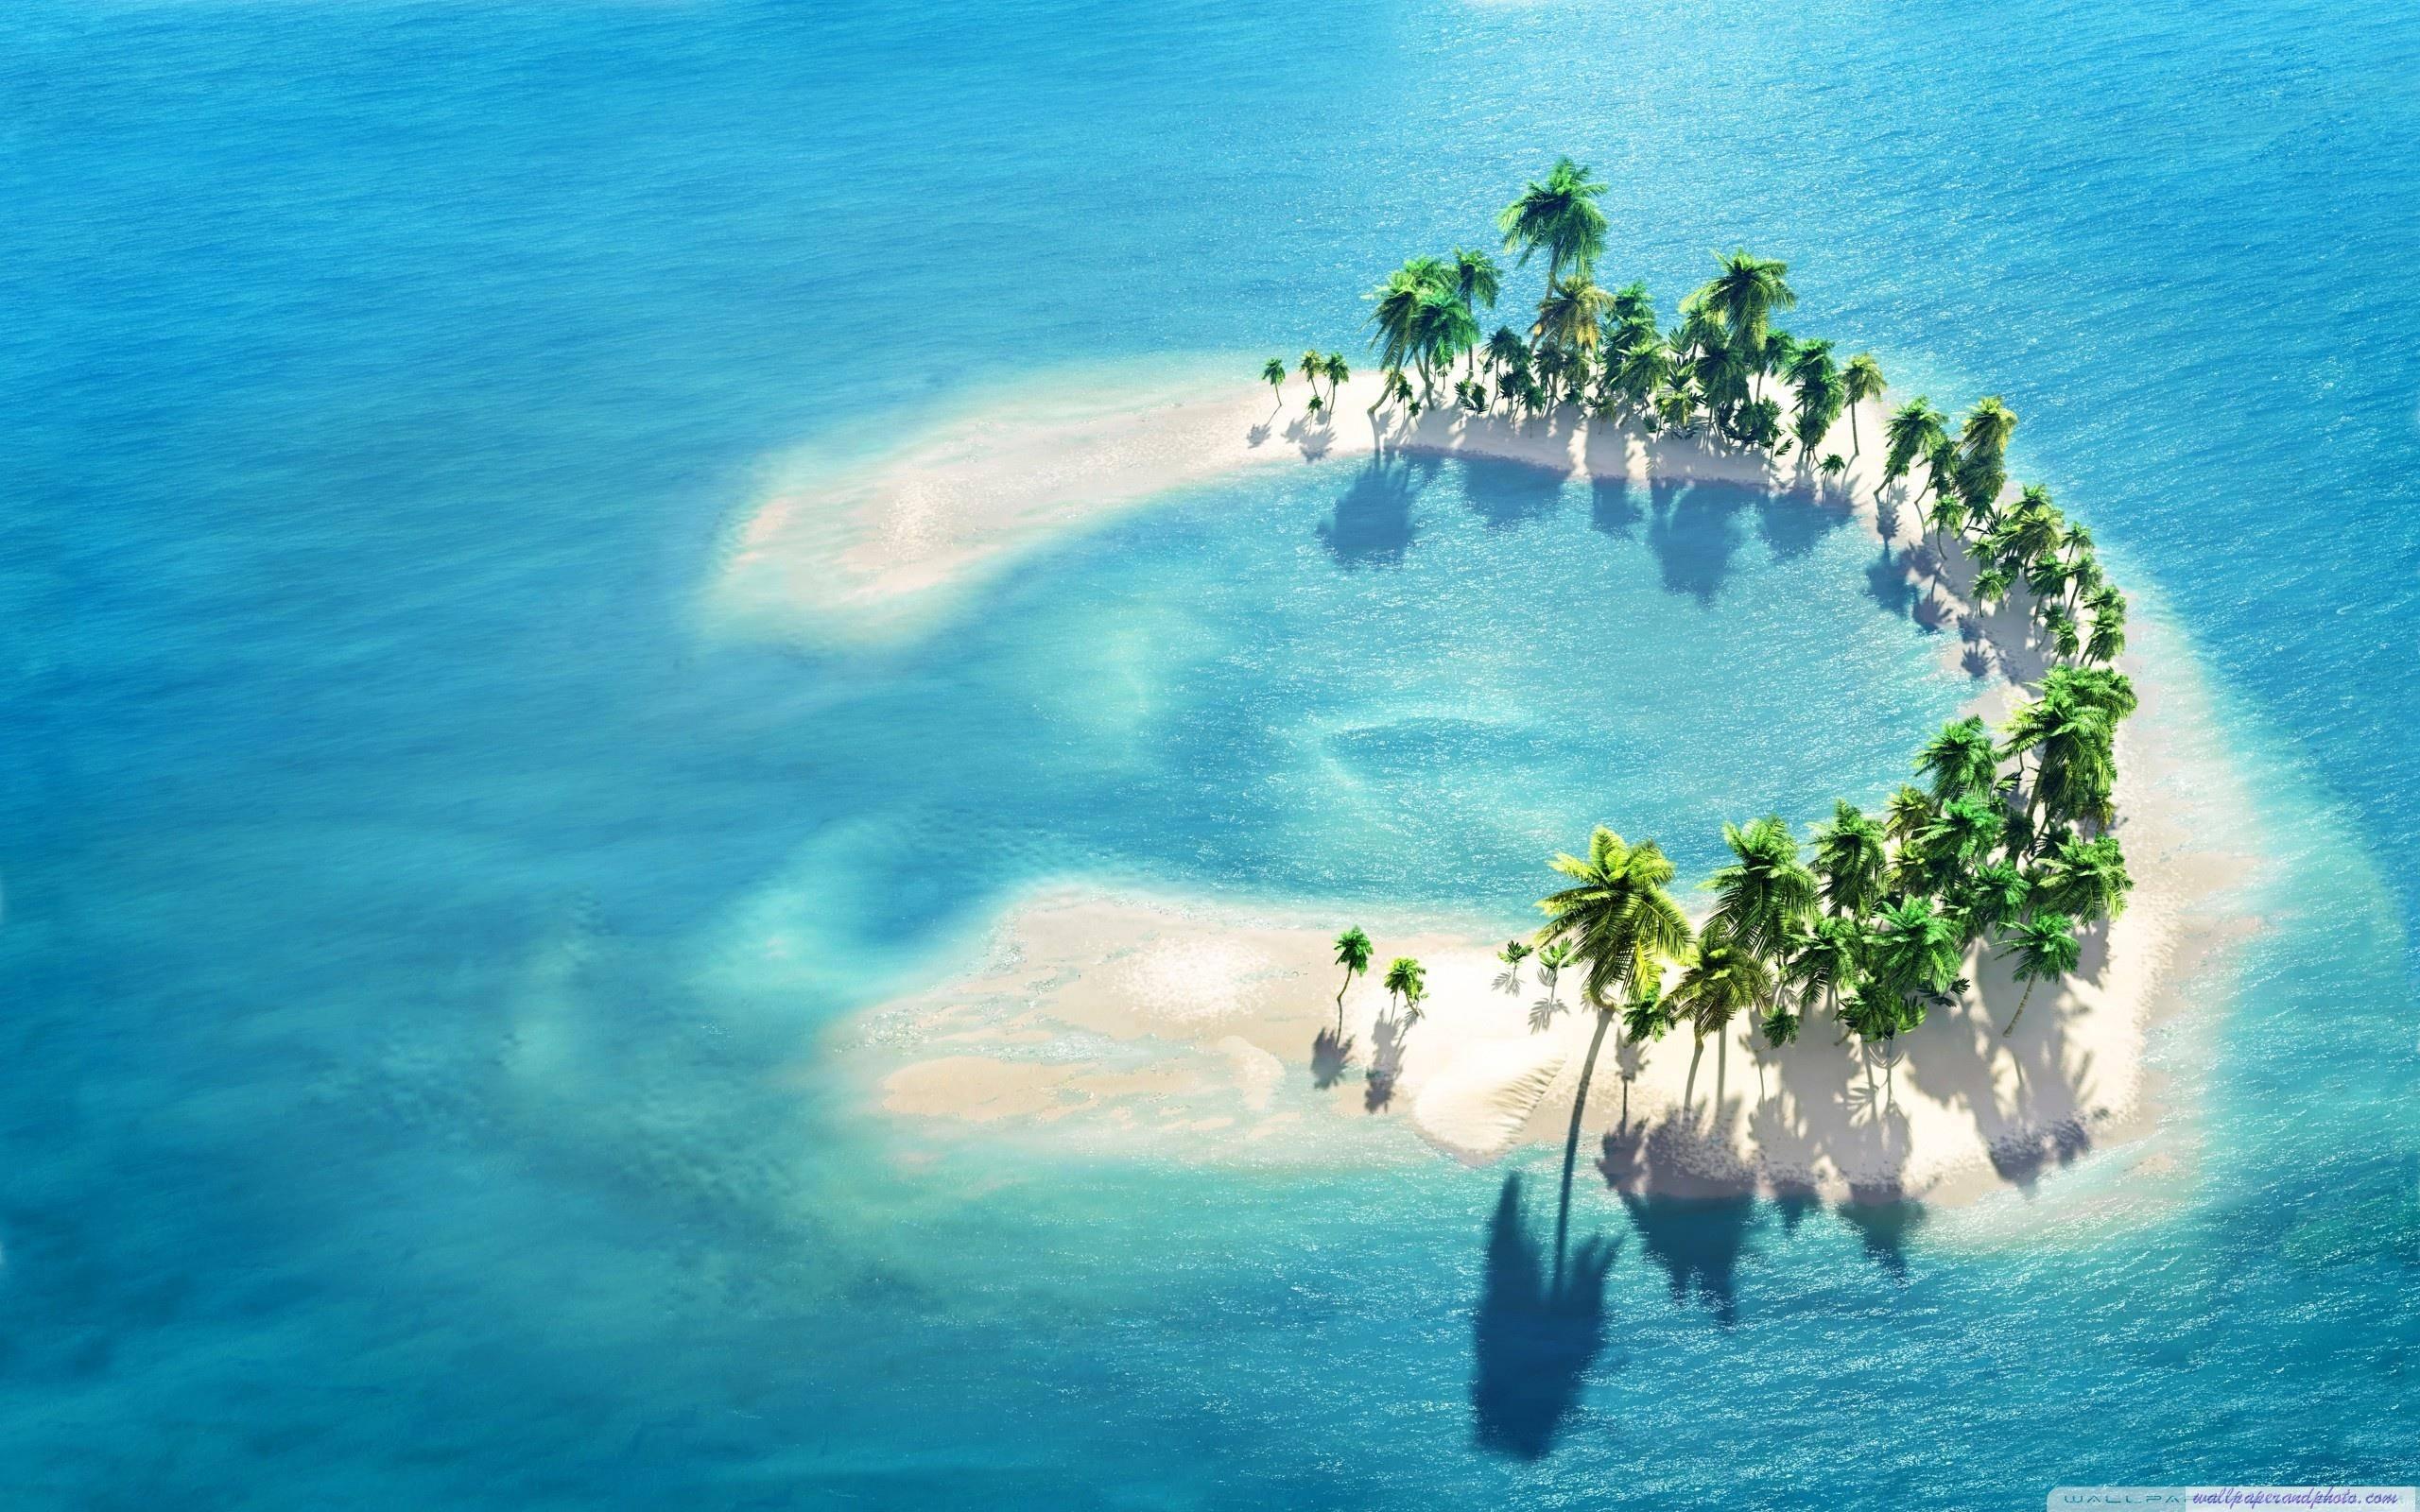 1366x768 Maldives Island 1366x768 Resolution Hd 4k